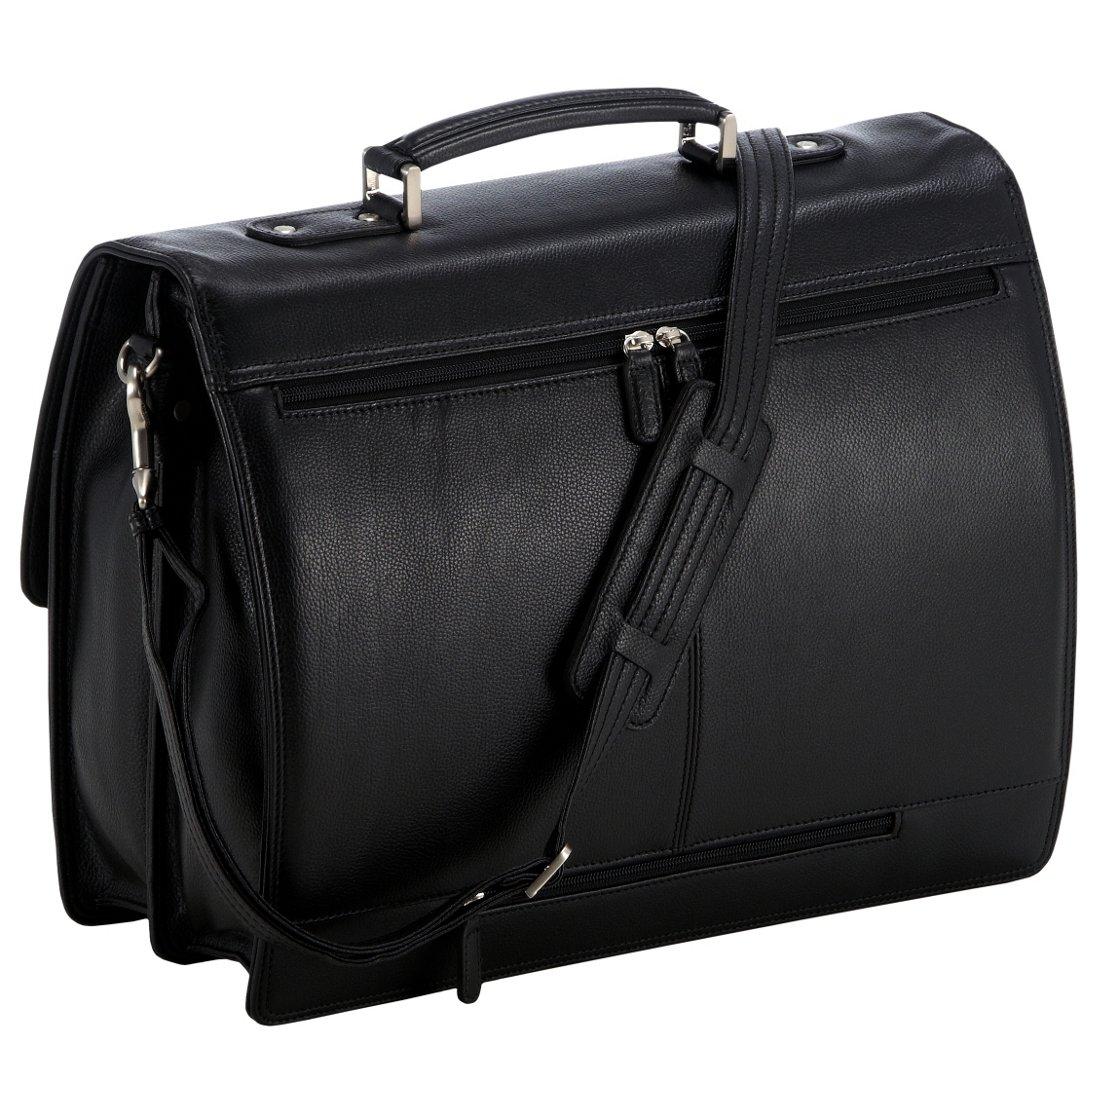 74b49a9d0a7c8 Picard Aberdeen Aktentasche 42 cm - schwarz - koffer-direkt.de